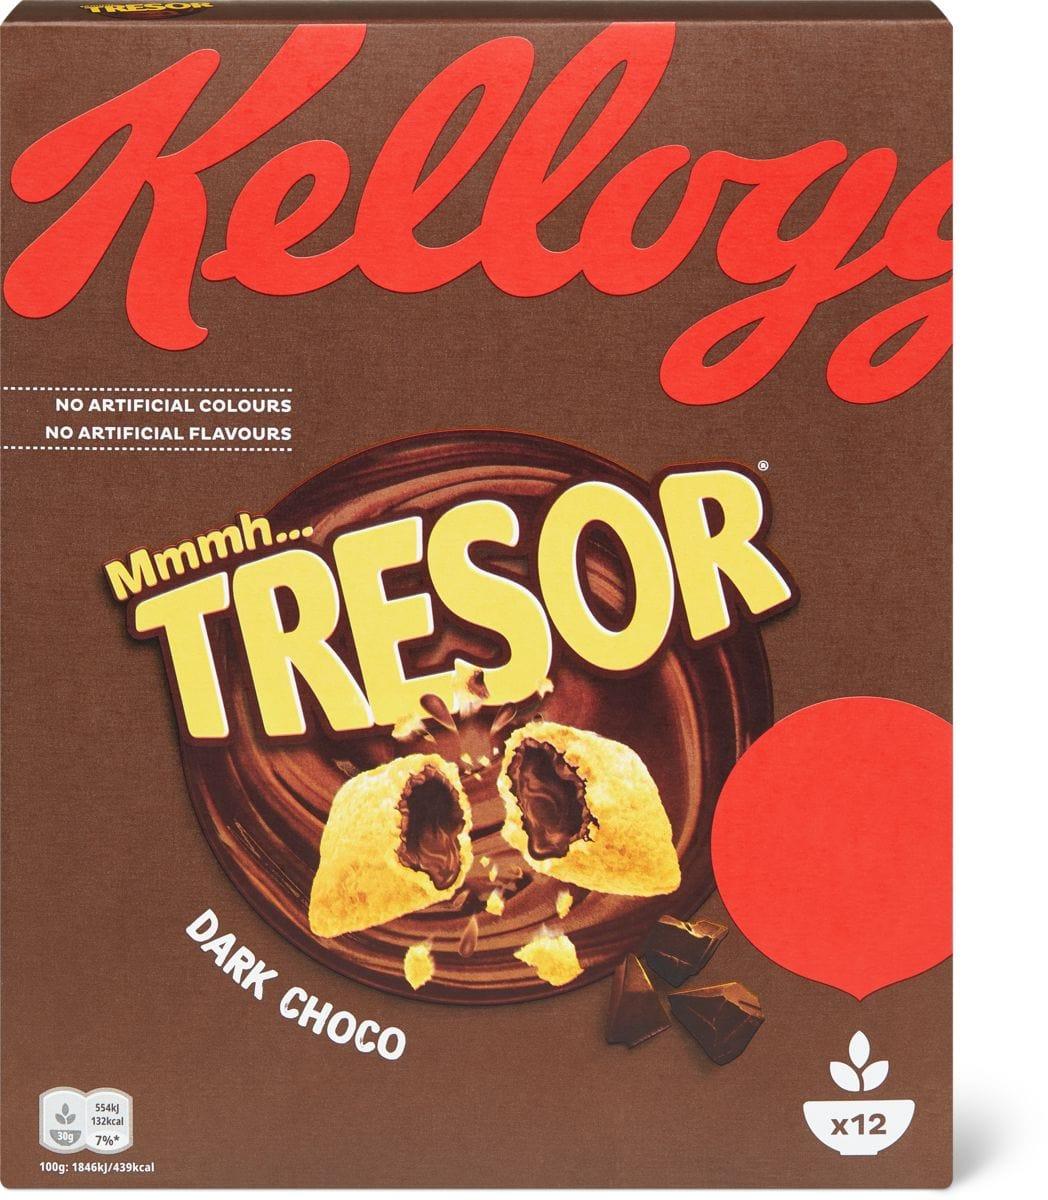 Kellogg's Tresor Dark Choco